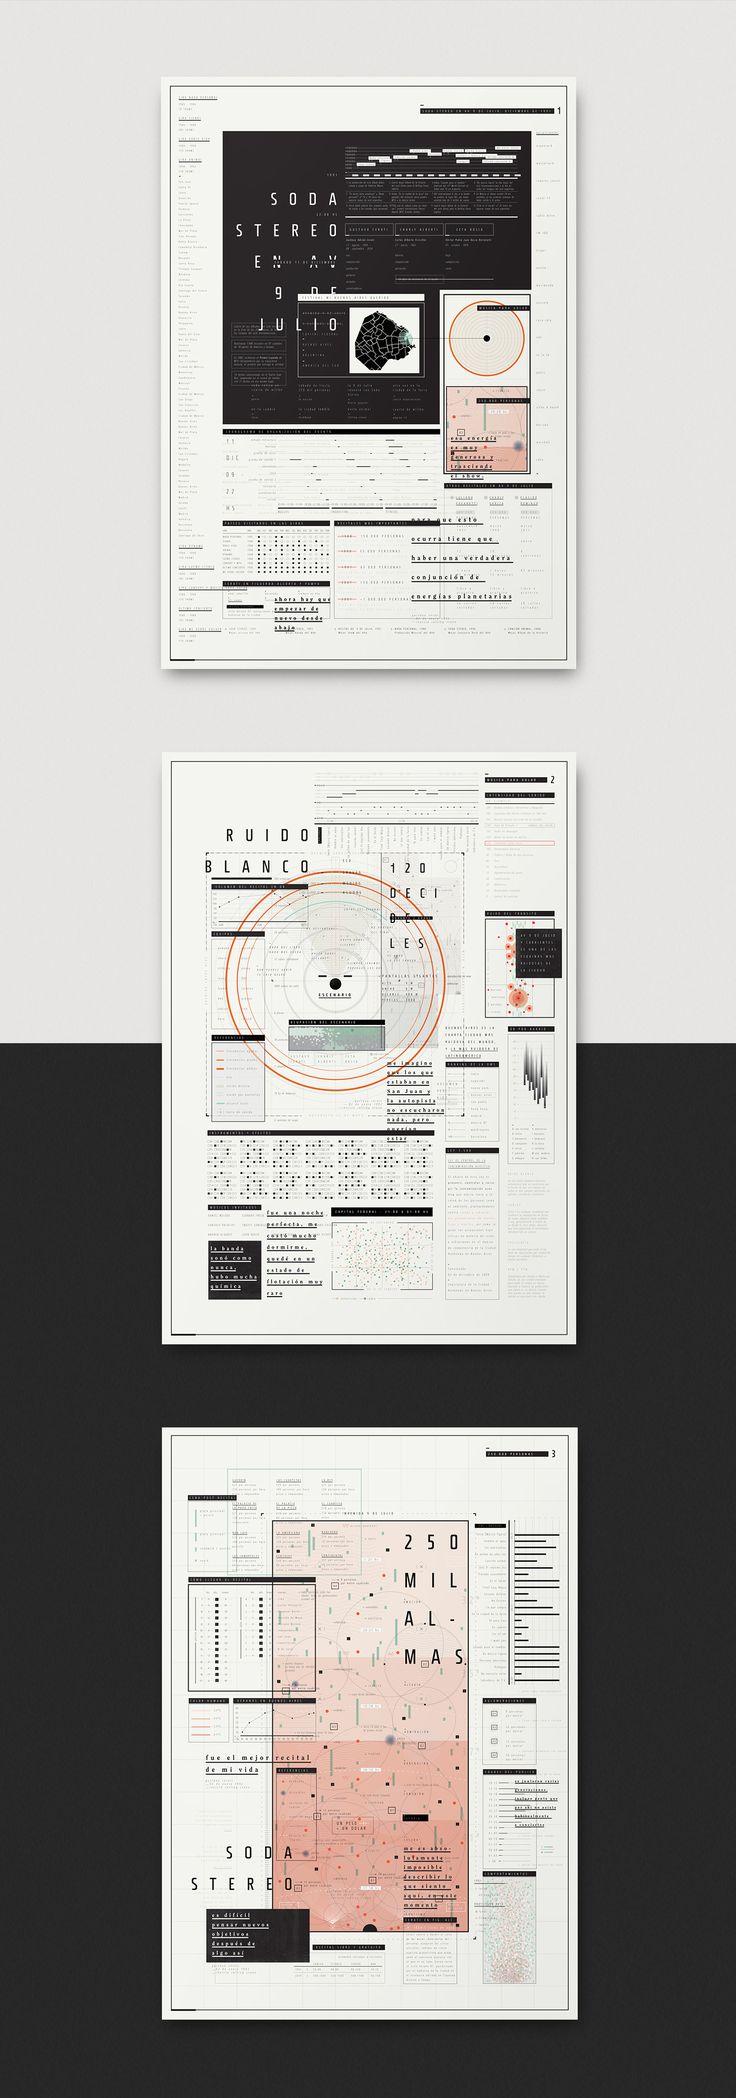 Esquemática: Pliegos cartográficos sobre el recital de Soda Stereo en la Av. 9 de Julio el 14 de diciembre de 1991.